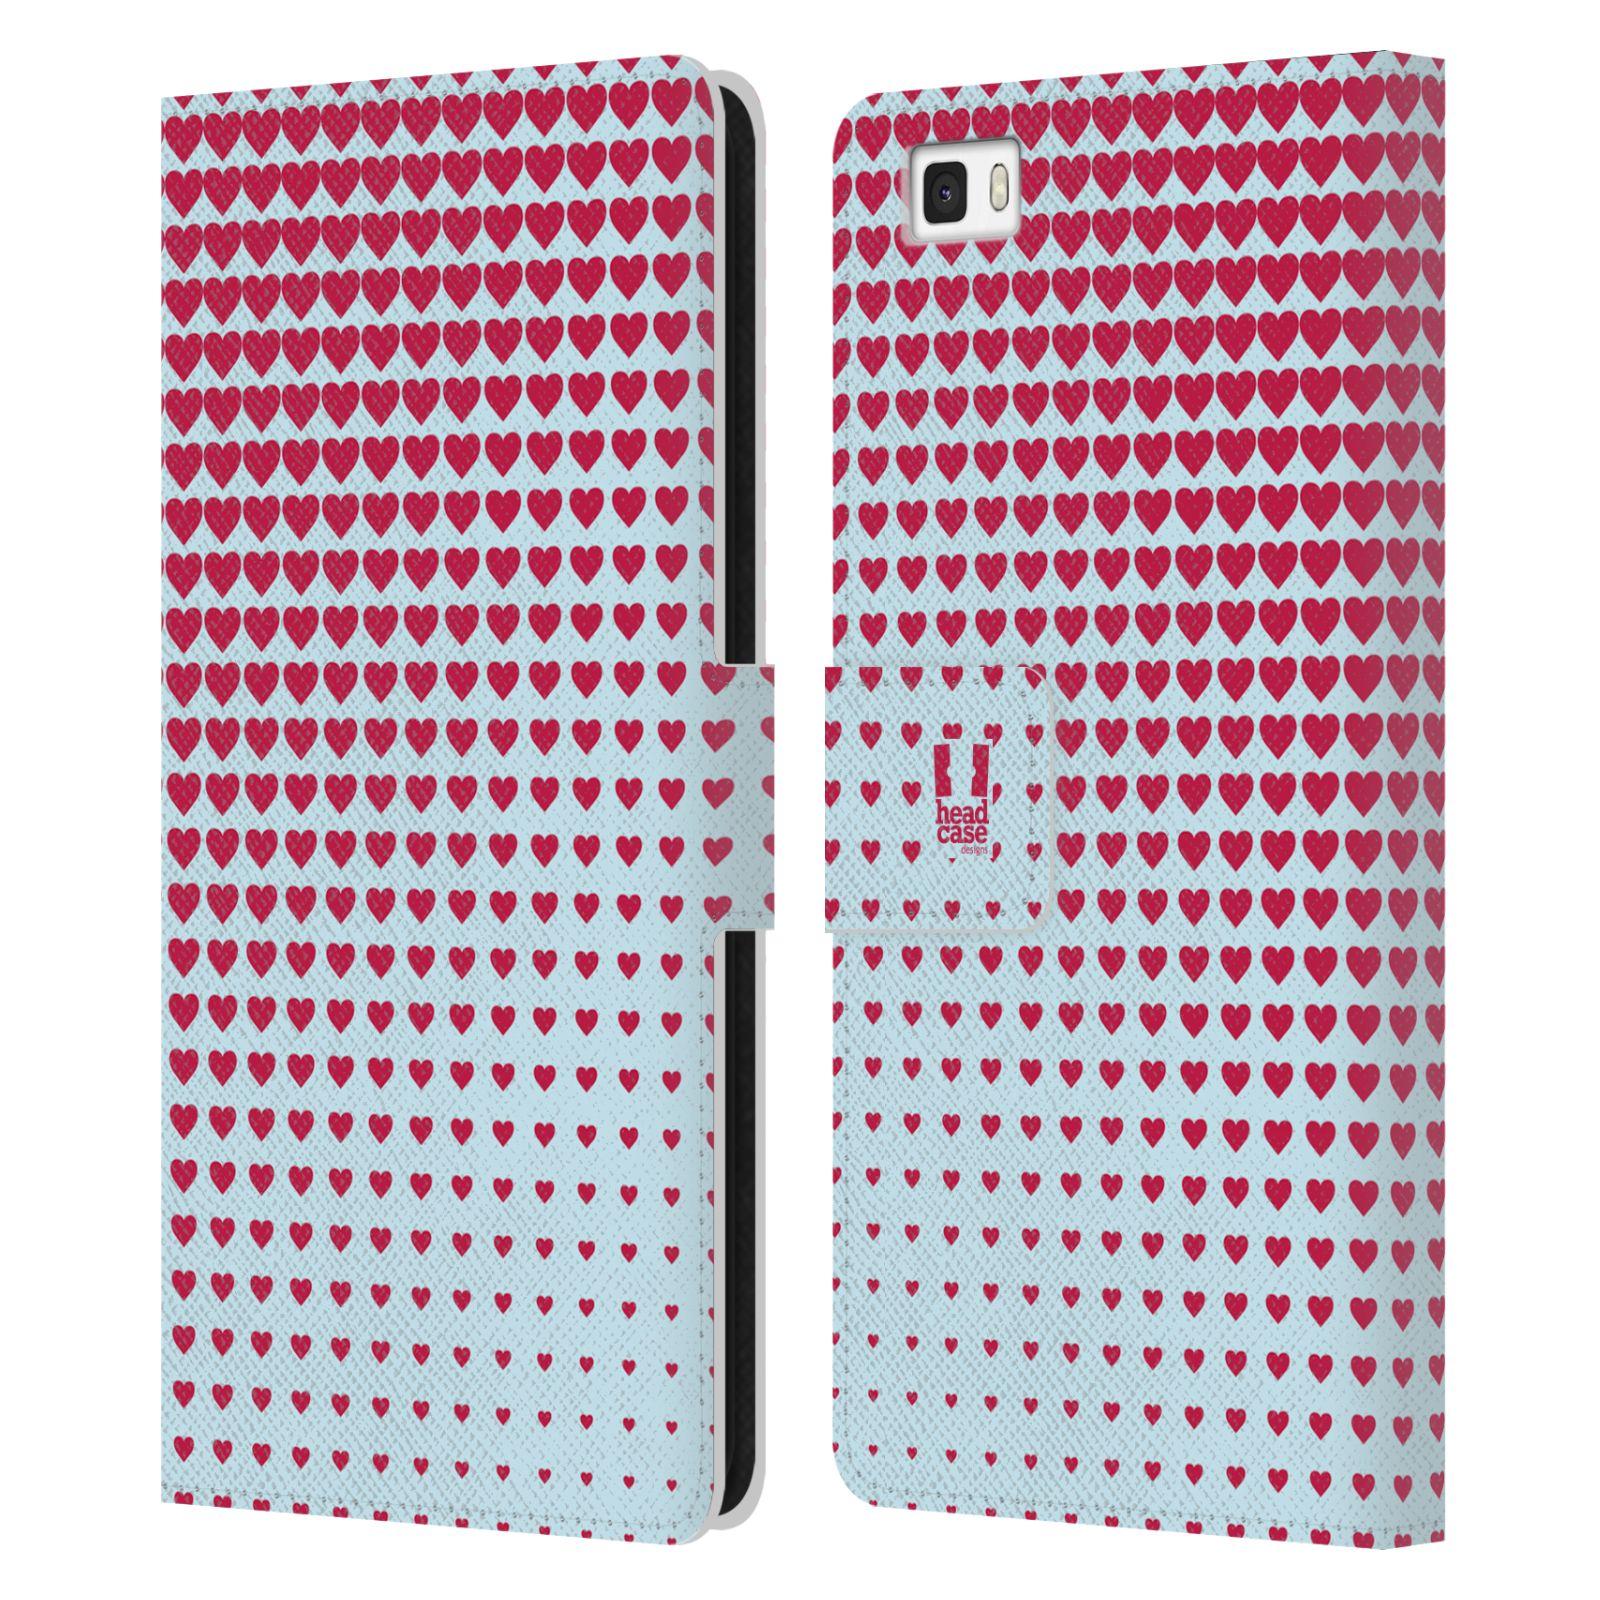 HEAD CASE Flipové pouzdro pro mobil Huawei P8 LITE prolínající se srdíčka modrá a červená